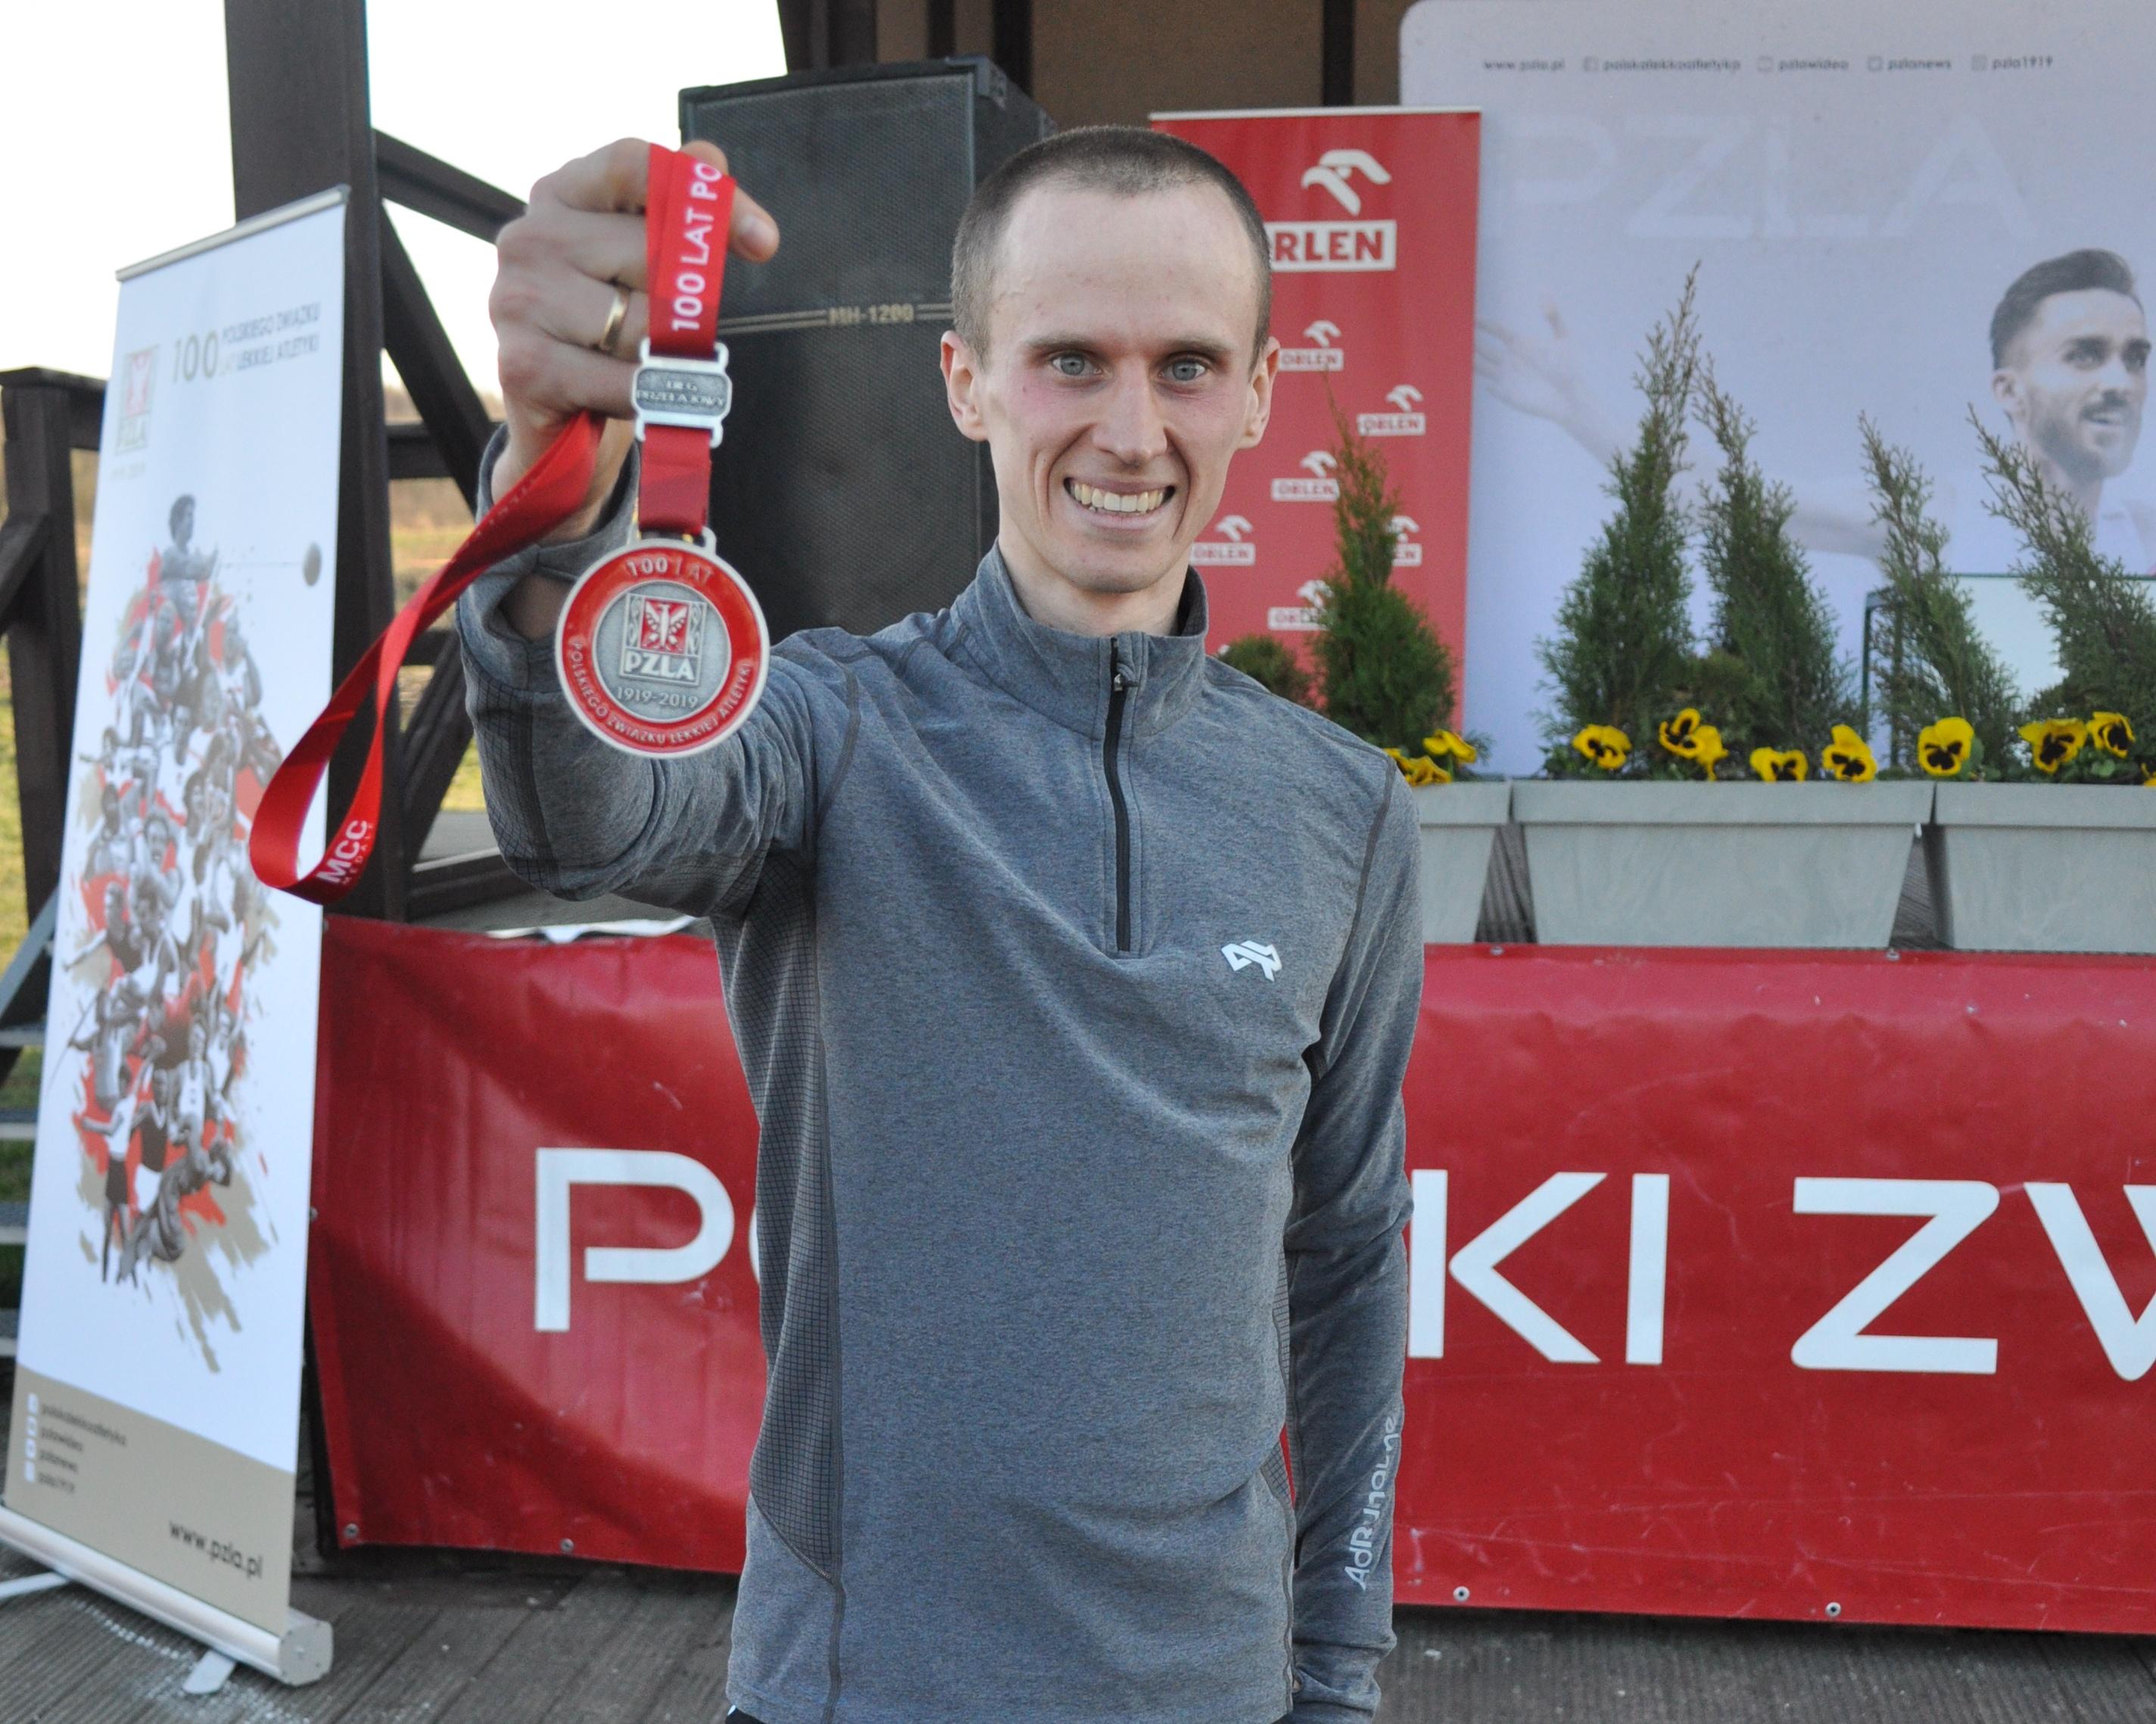 relacja z Mistrzostw Polski w biegach przełajowych Olszyna 2019